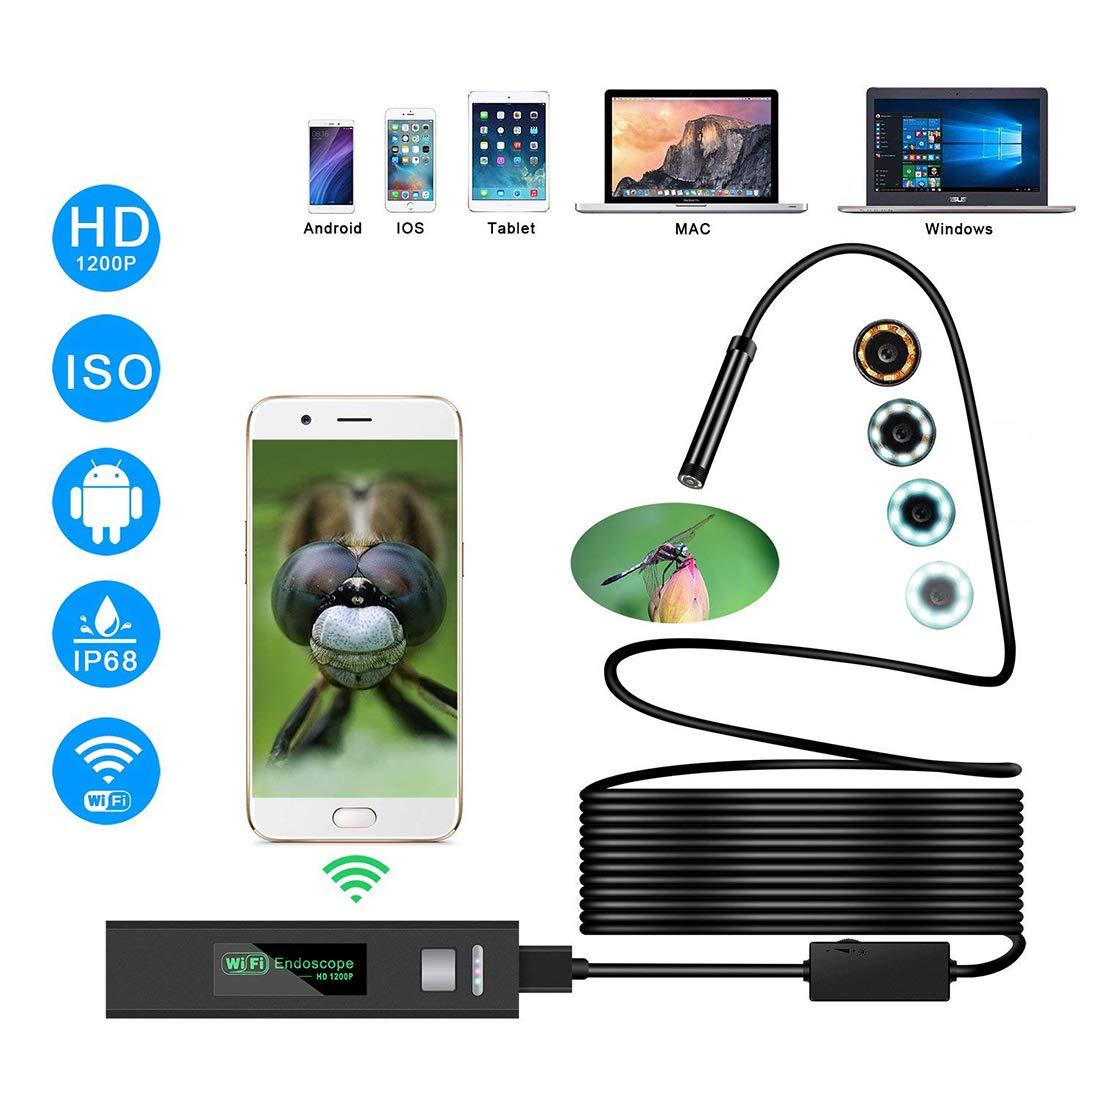 YOMYM Endoscope iphone, Endoscope WiFi 2.0 Mé gapixels 1200P HD Semi Rigide d'Inspection Camé ra, IP68 Etanche Endoscope avec 8 LEDs pour iOS,iPhone,Android,Tablette - 5 Mè tres Tablette - 5 Mètres